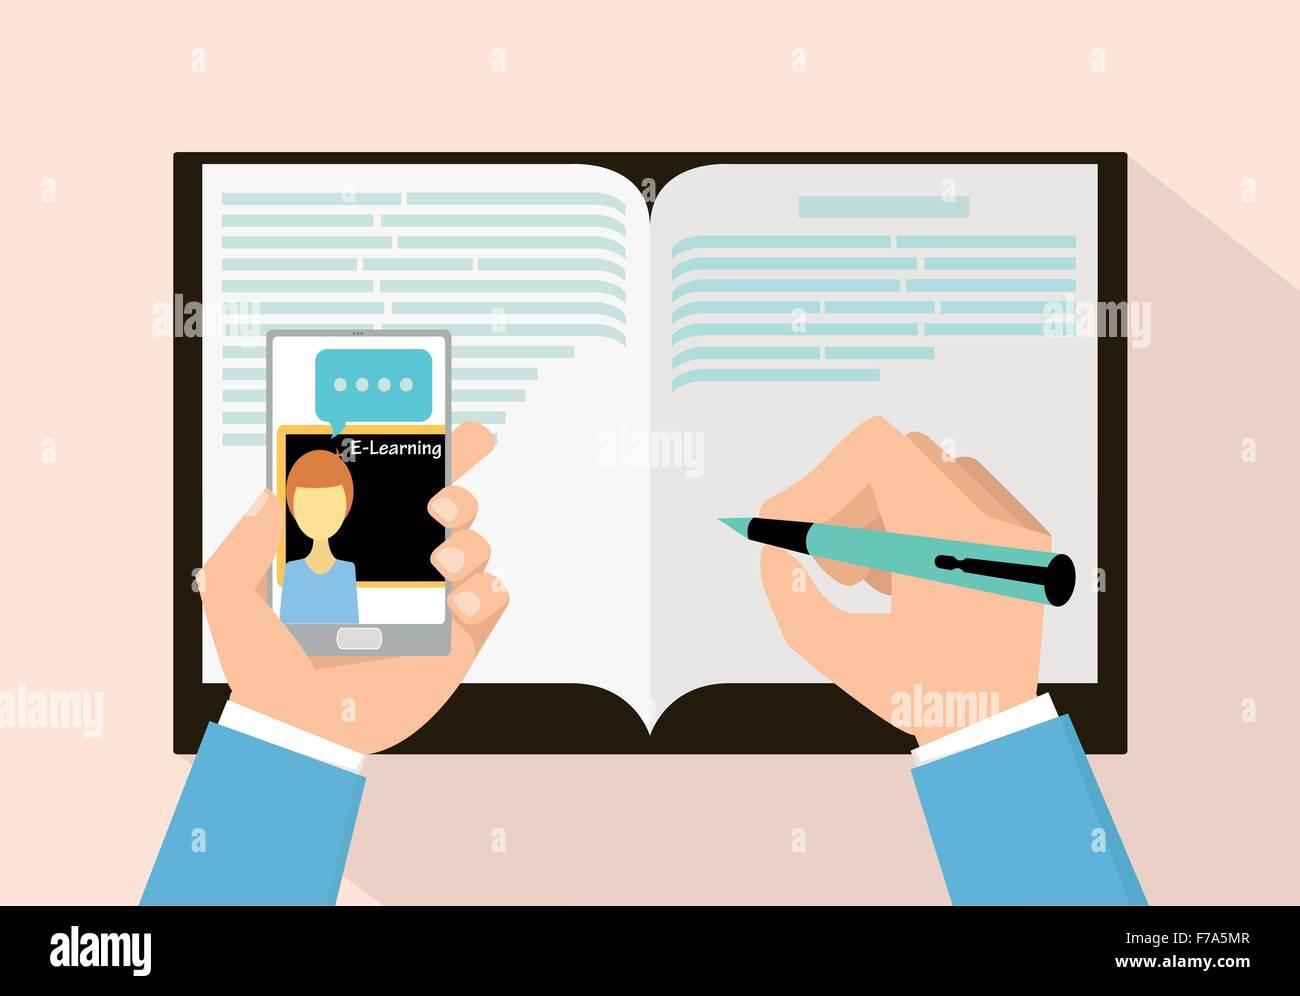 E-Learning-Konzepts mit Smartphone-Vektor-illustration Stockbild